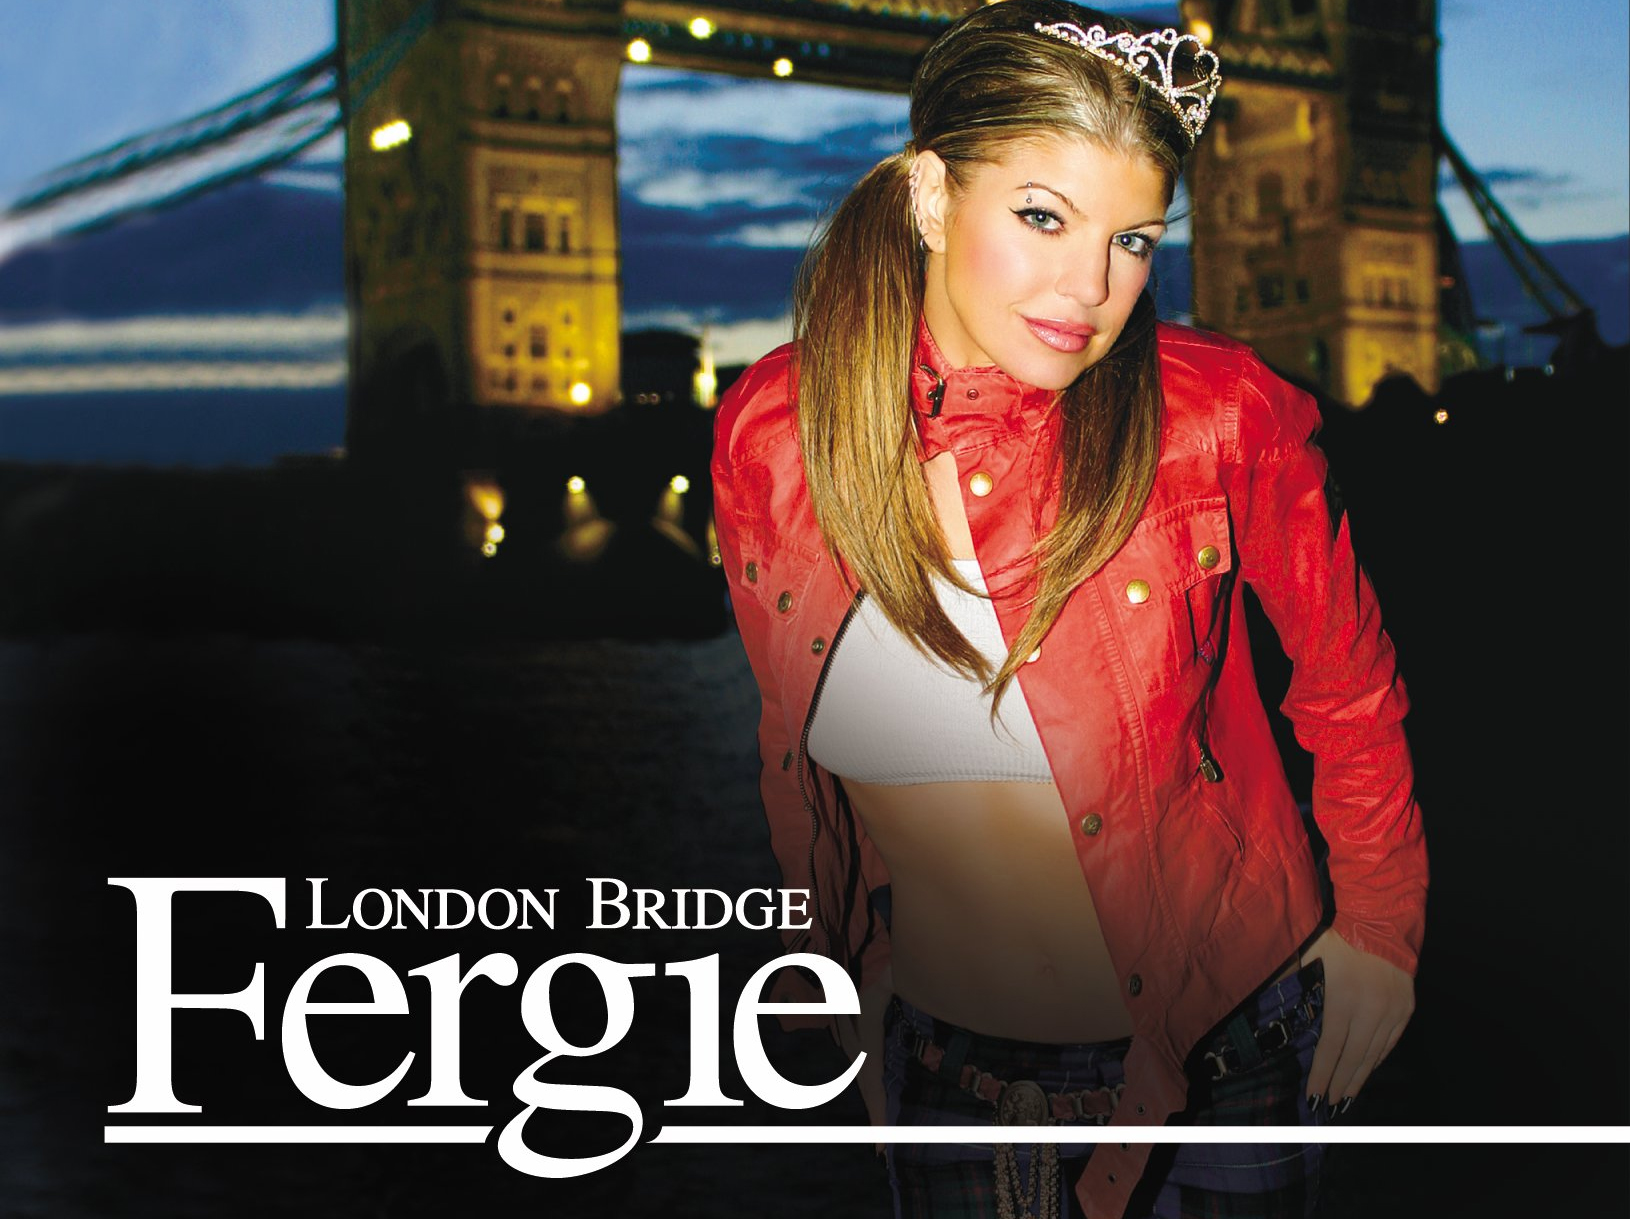 fergie en el video de london bridge: